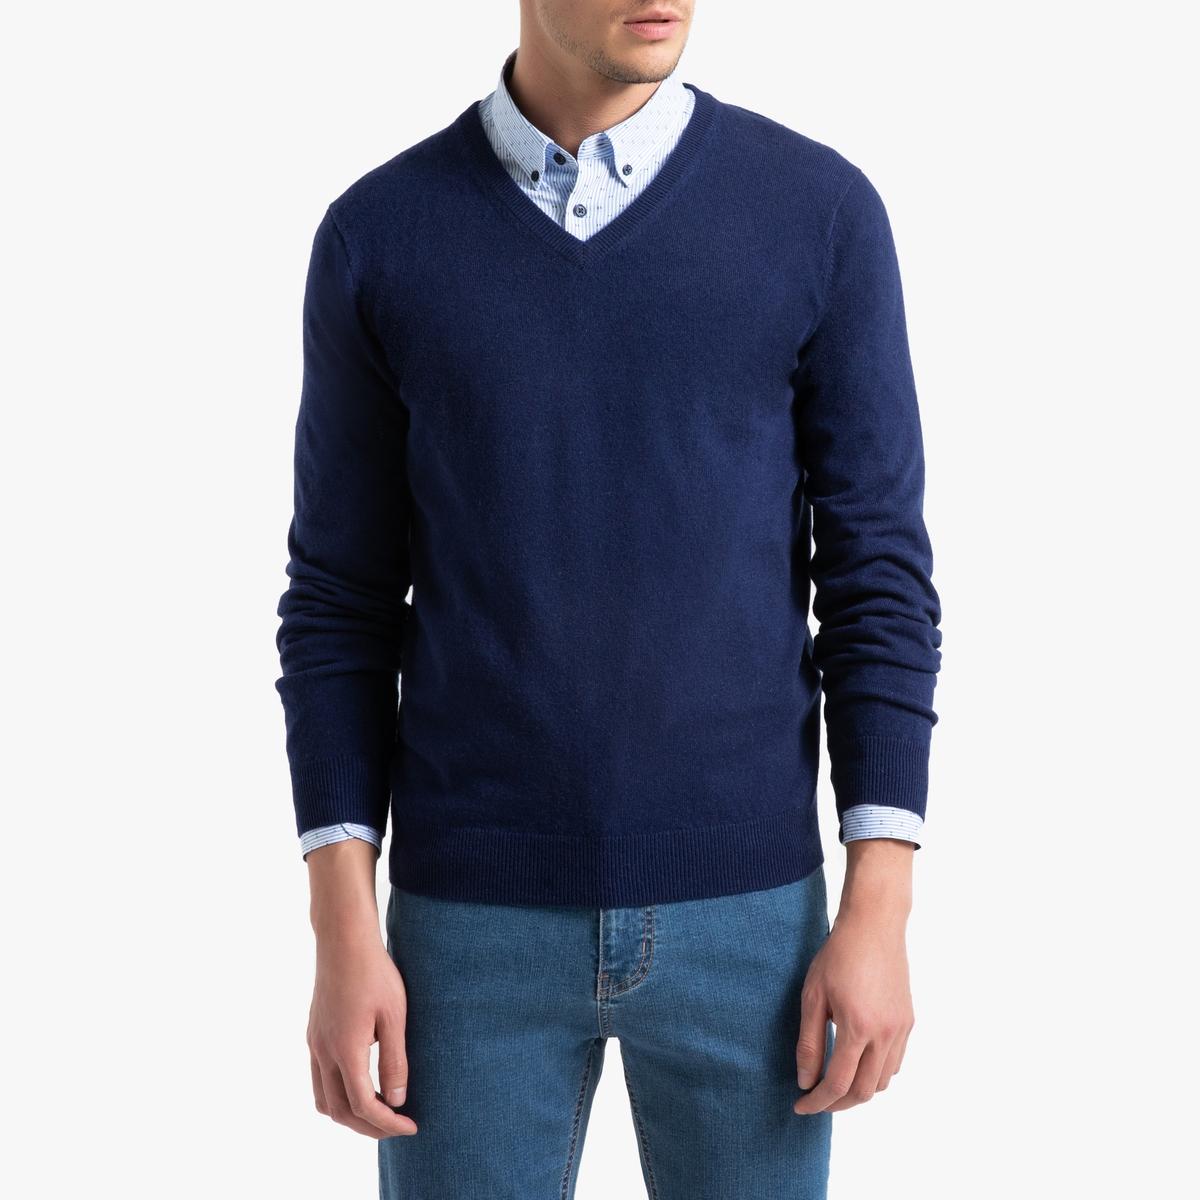 Пуловер La Redoute С V-образным вырезом из кашемира Paul S синий ic men коричневый пуловер из кашемира